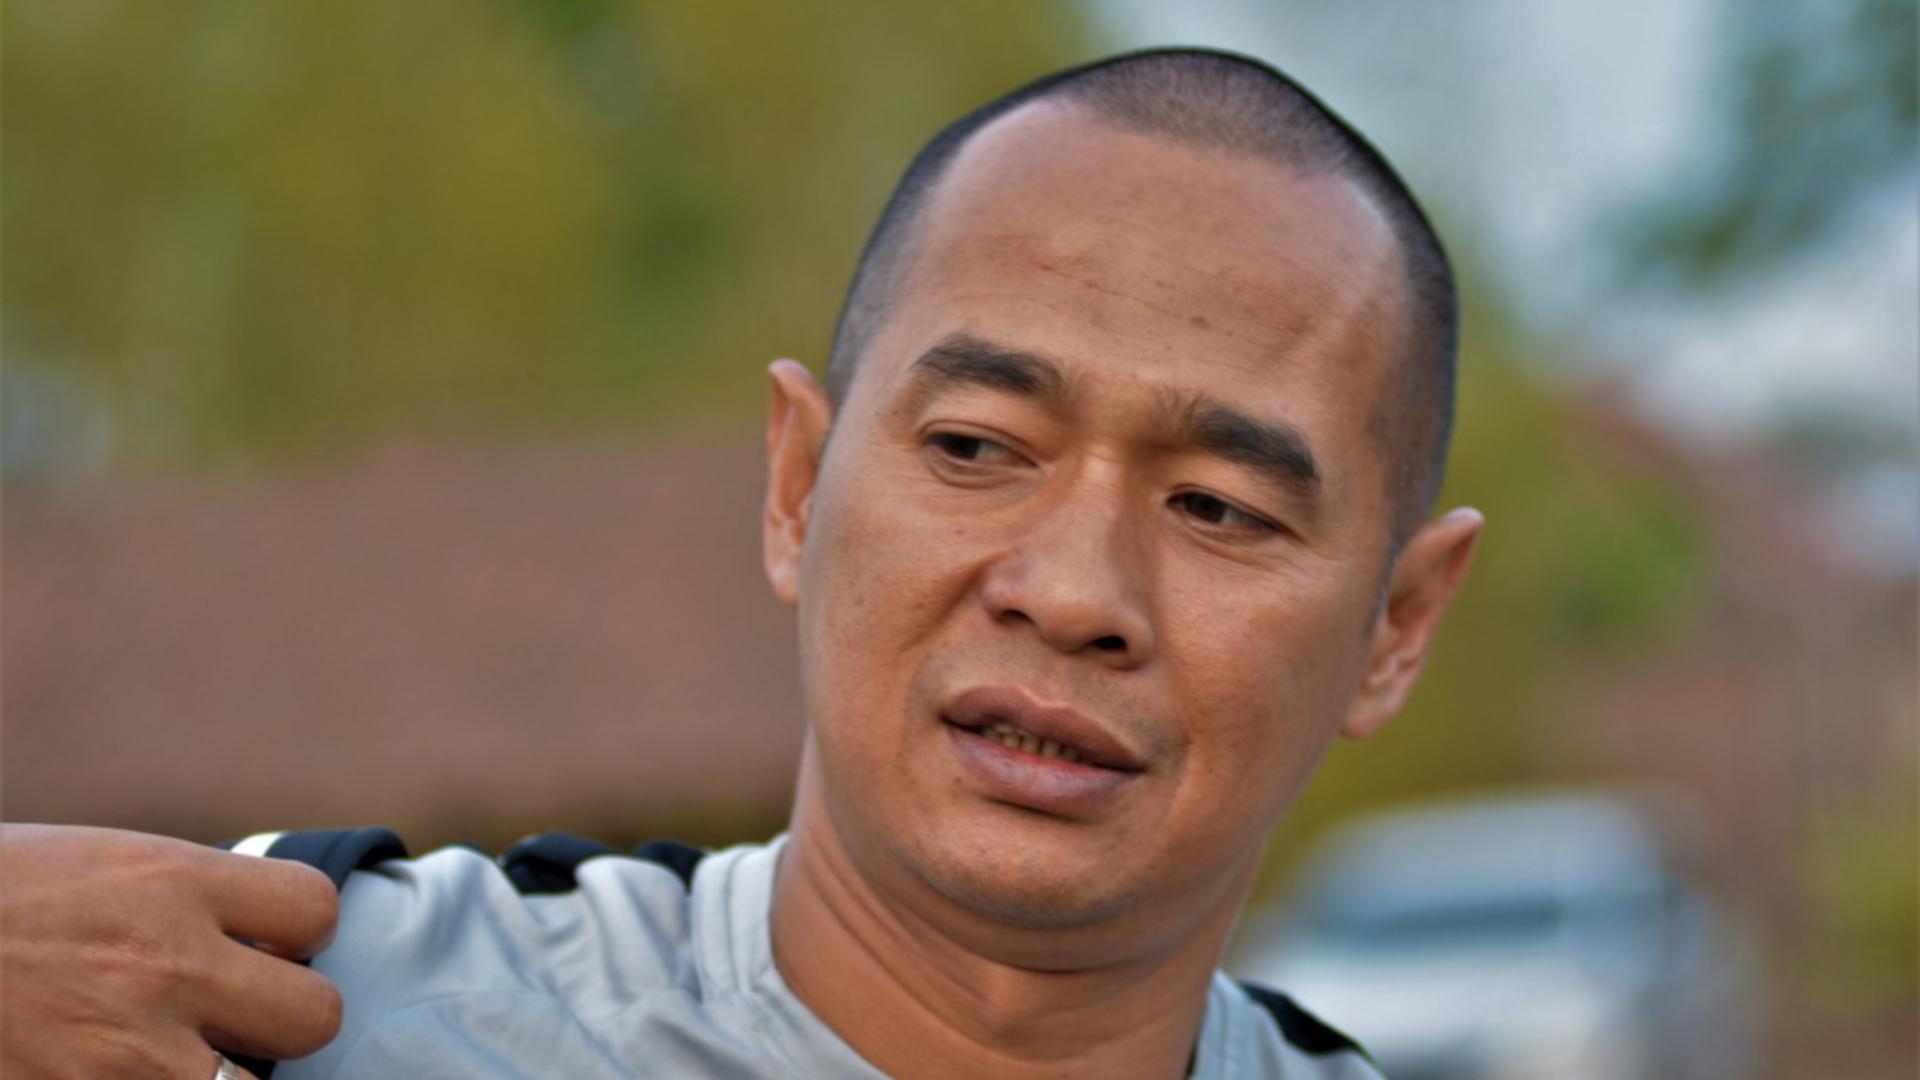 Kurniawan Dwi Julianto - Timnas Indonesia U-23.jpg